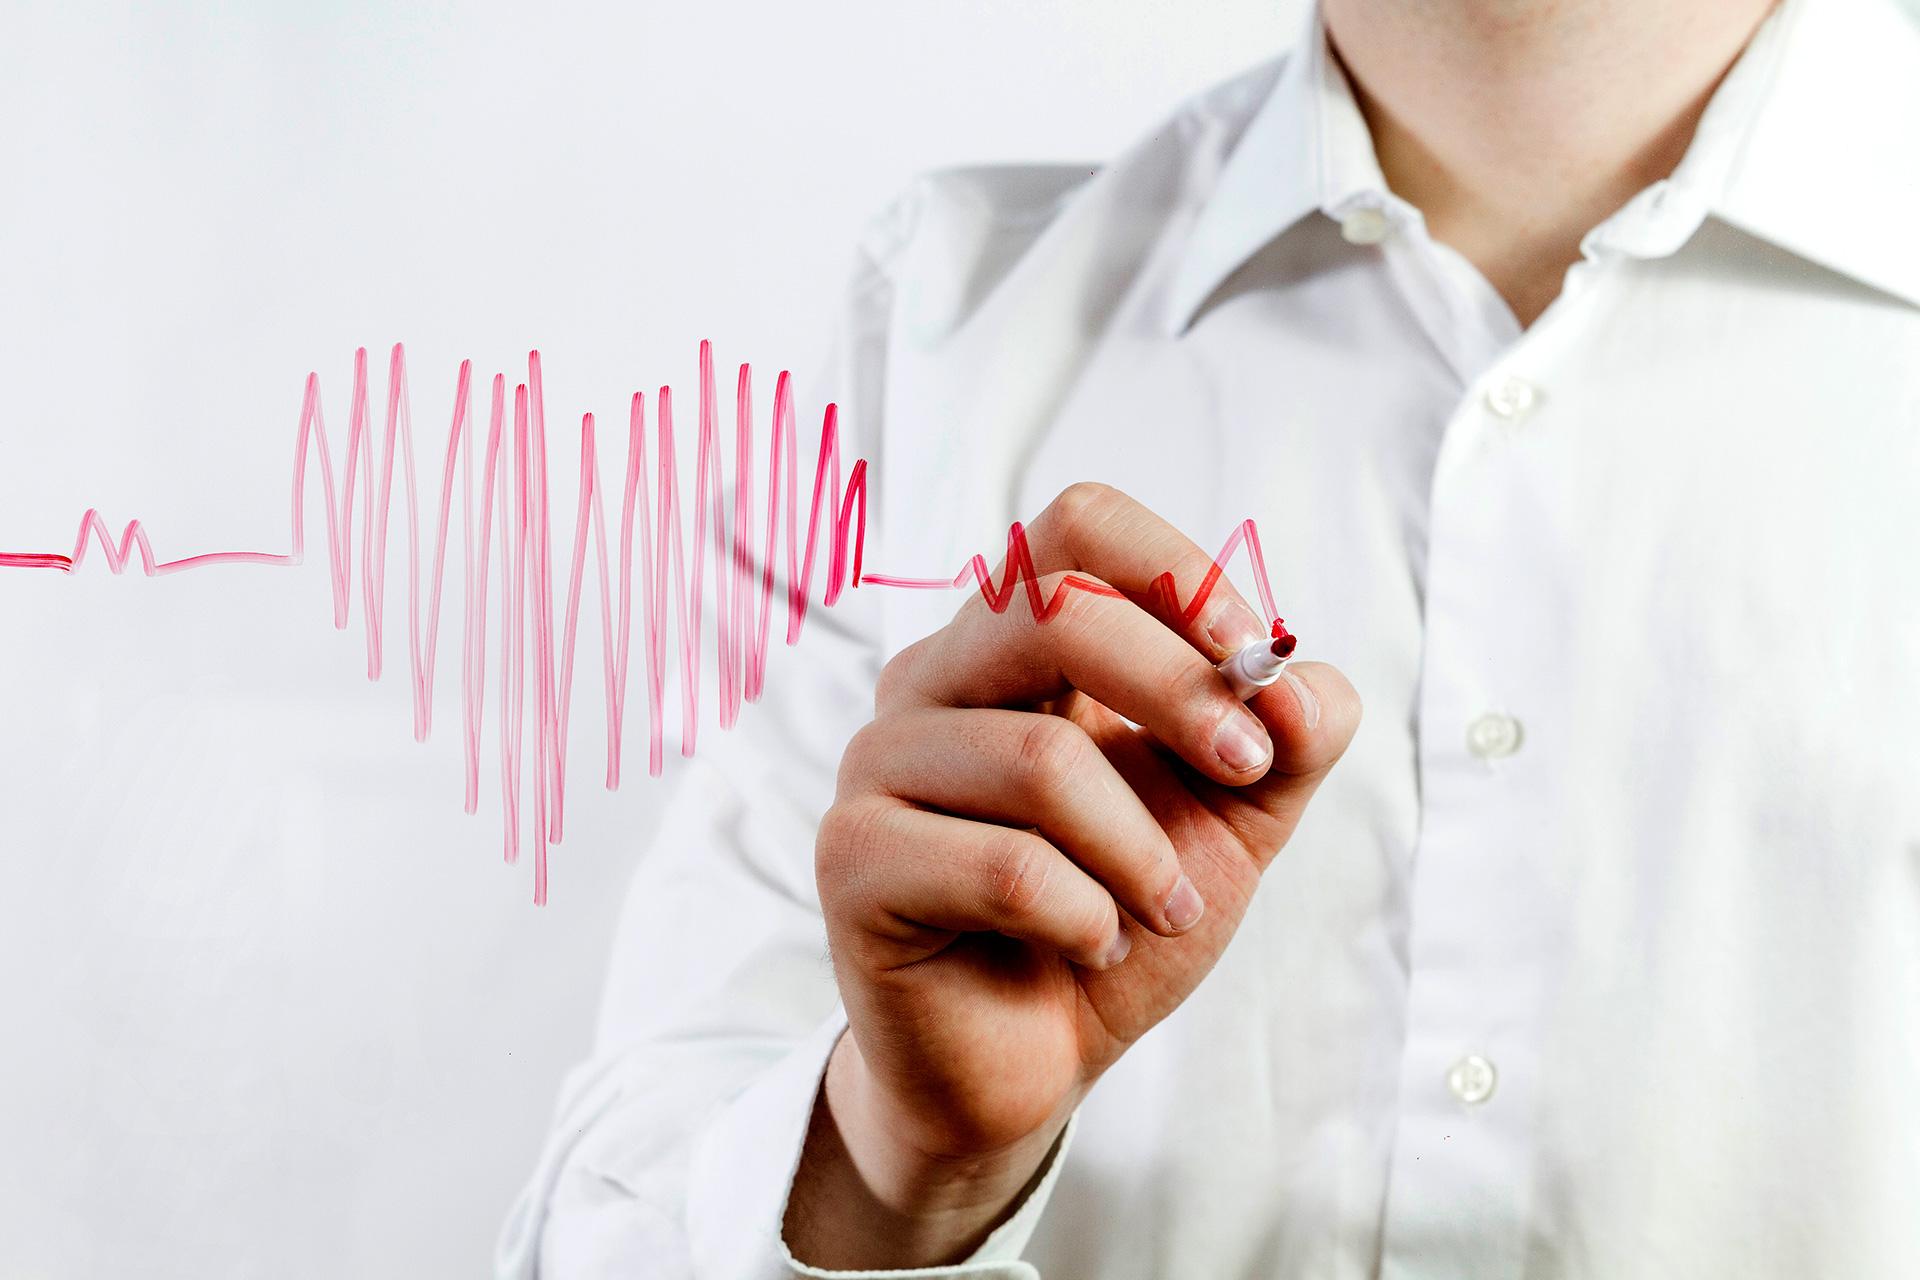 Δρ Τσακιρίδης Καρδιο-Θωρακοχειρουργός